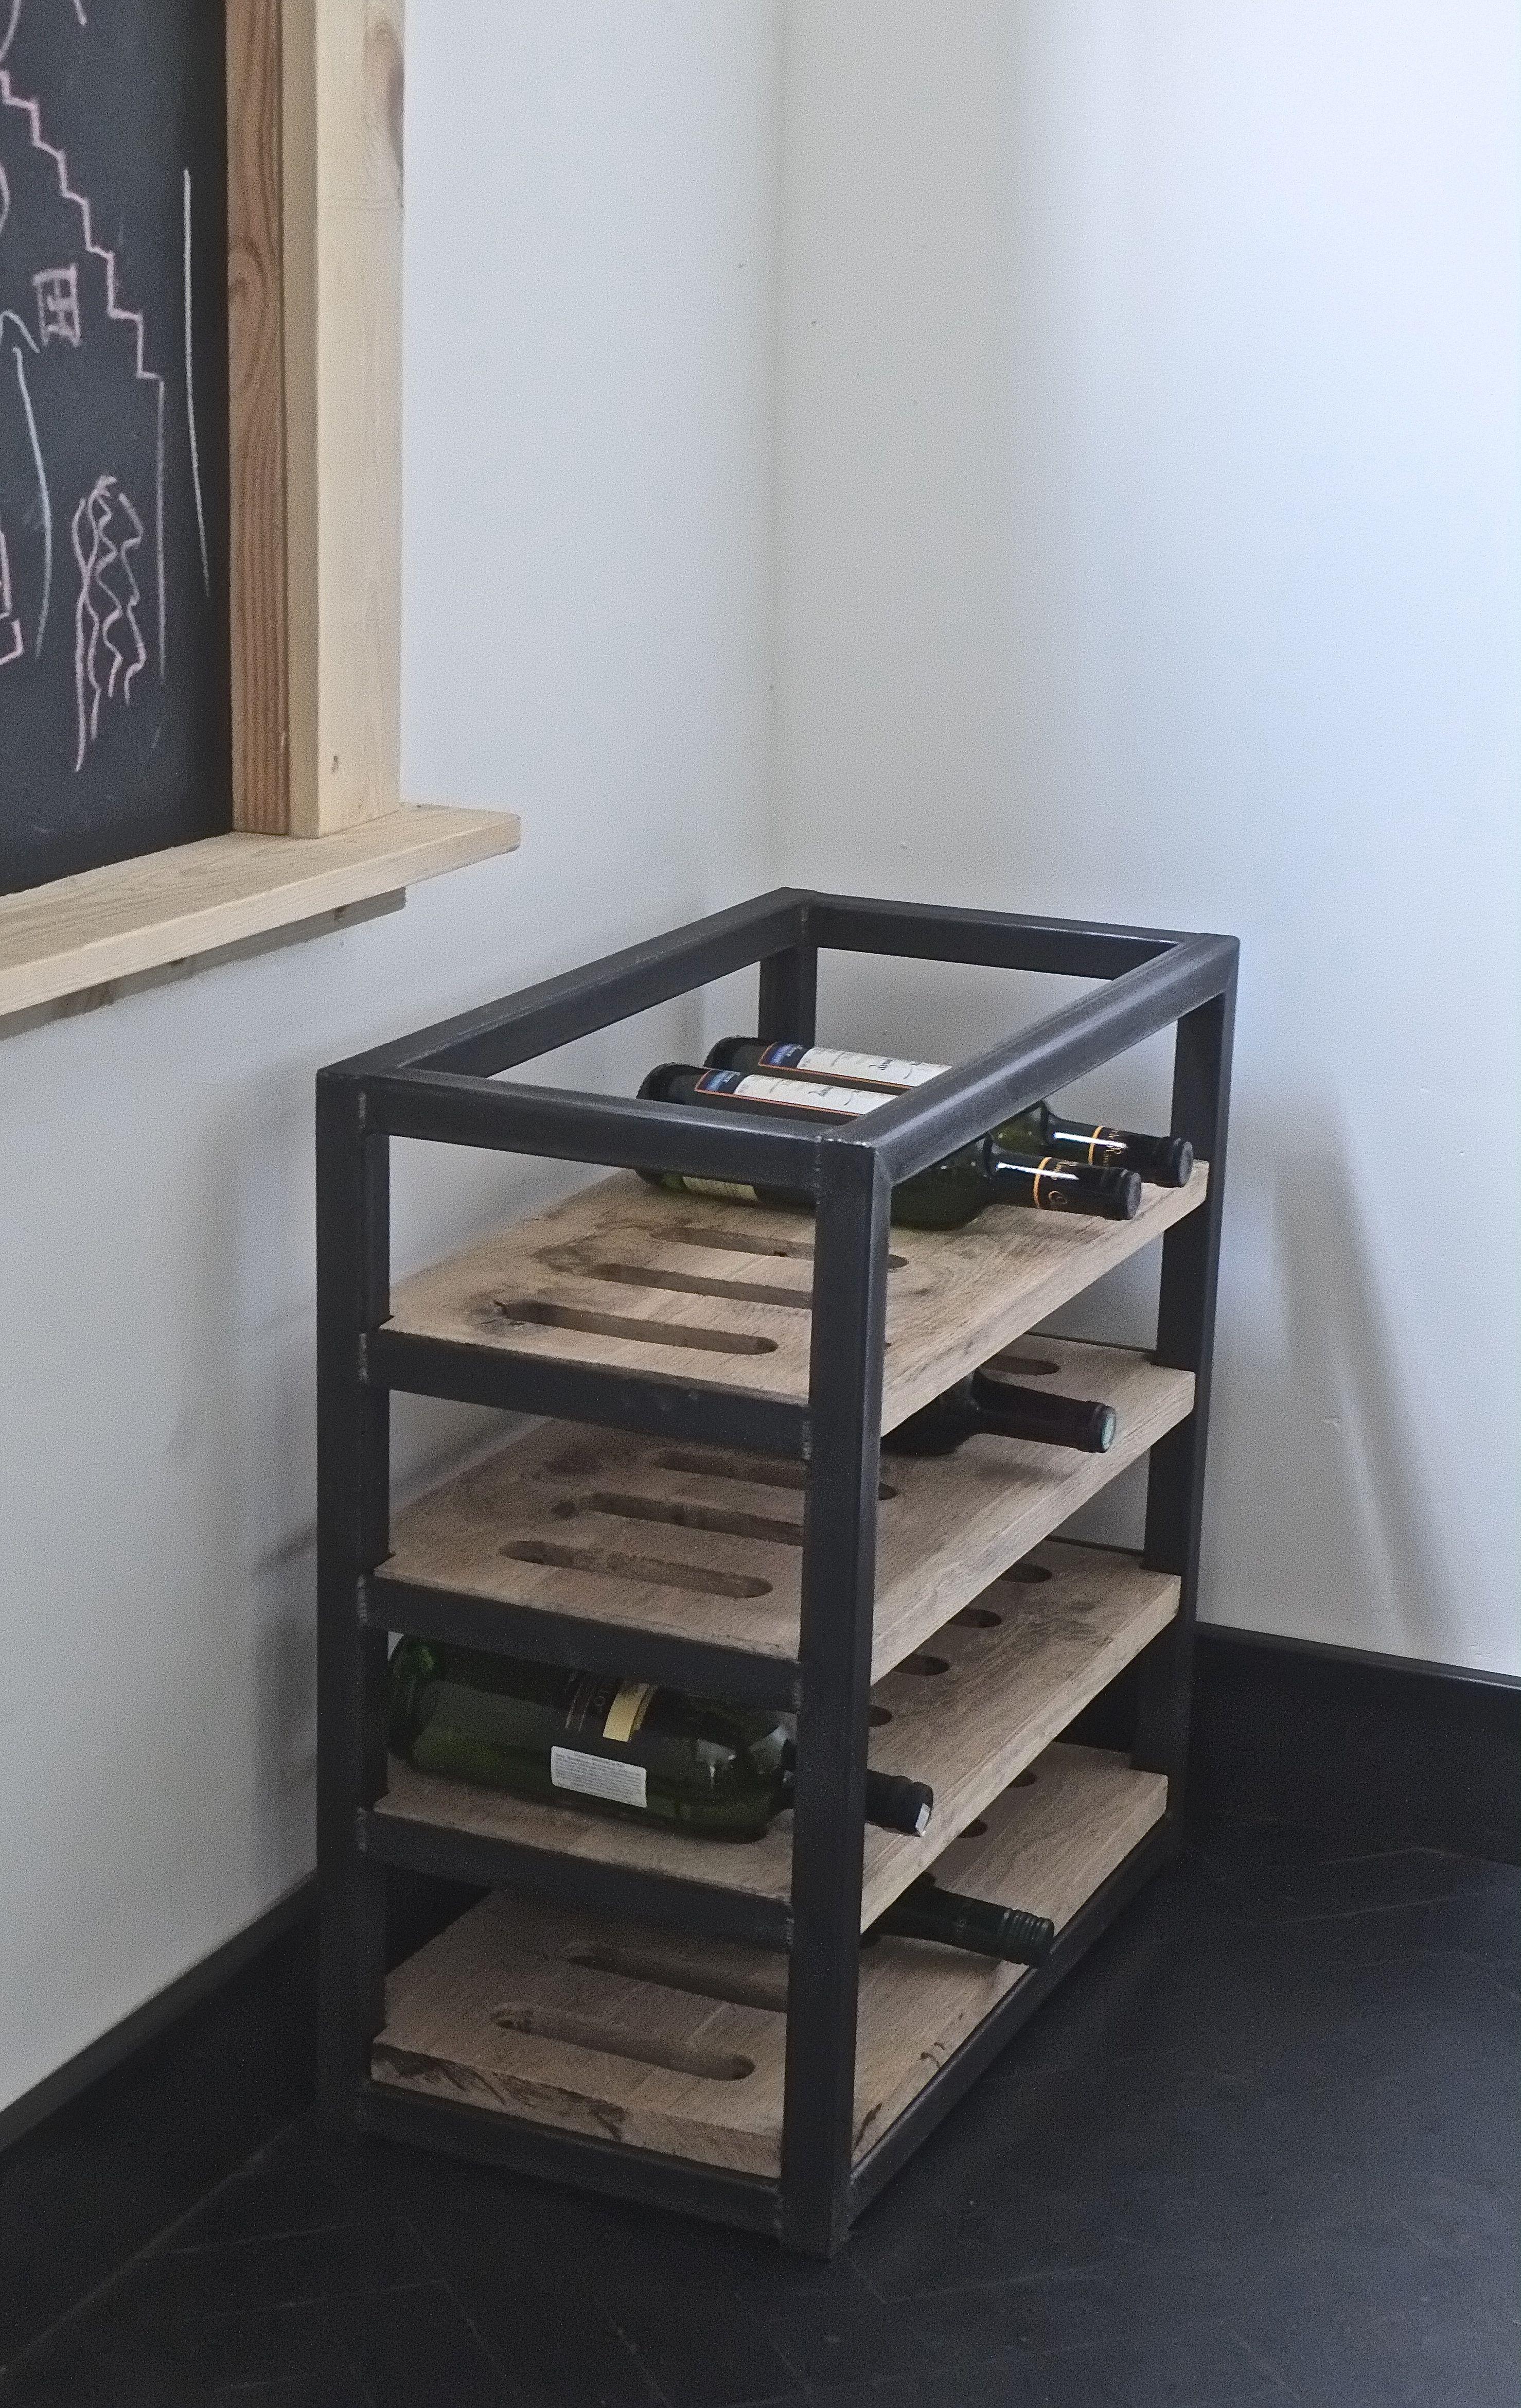 Mijn werk ideas en 2019 muebles industriales muebles for Muebles industriales metal baratos